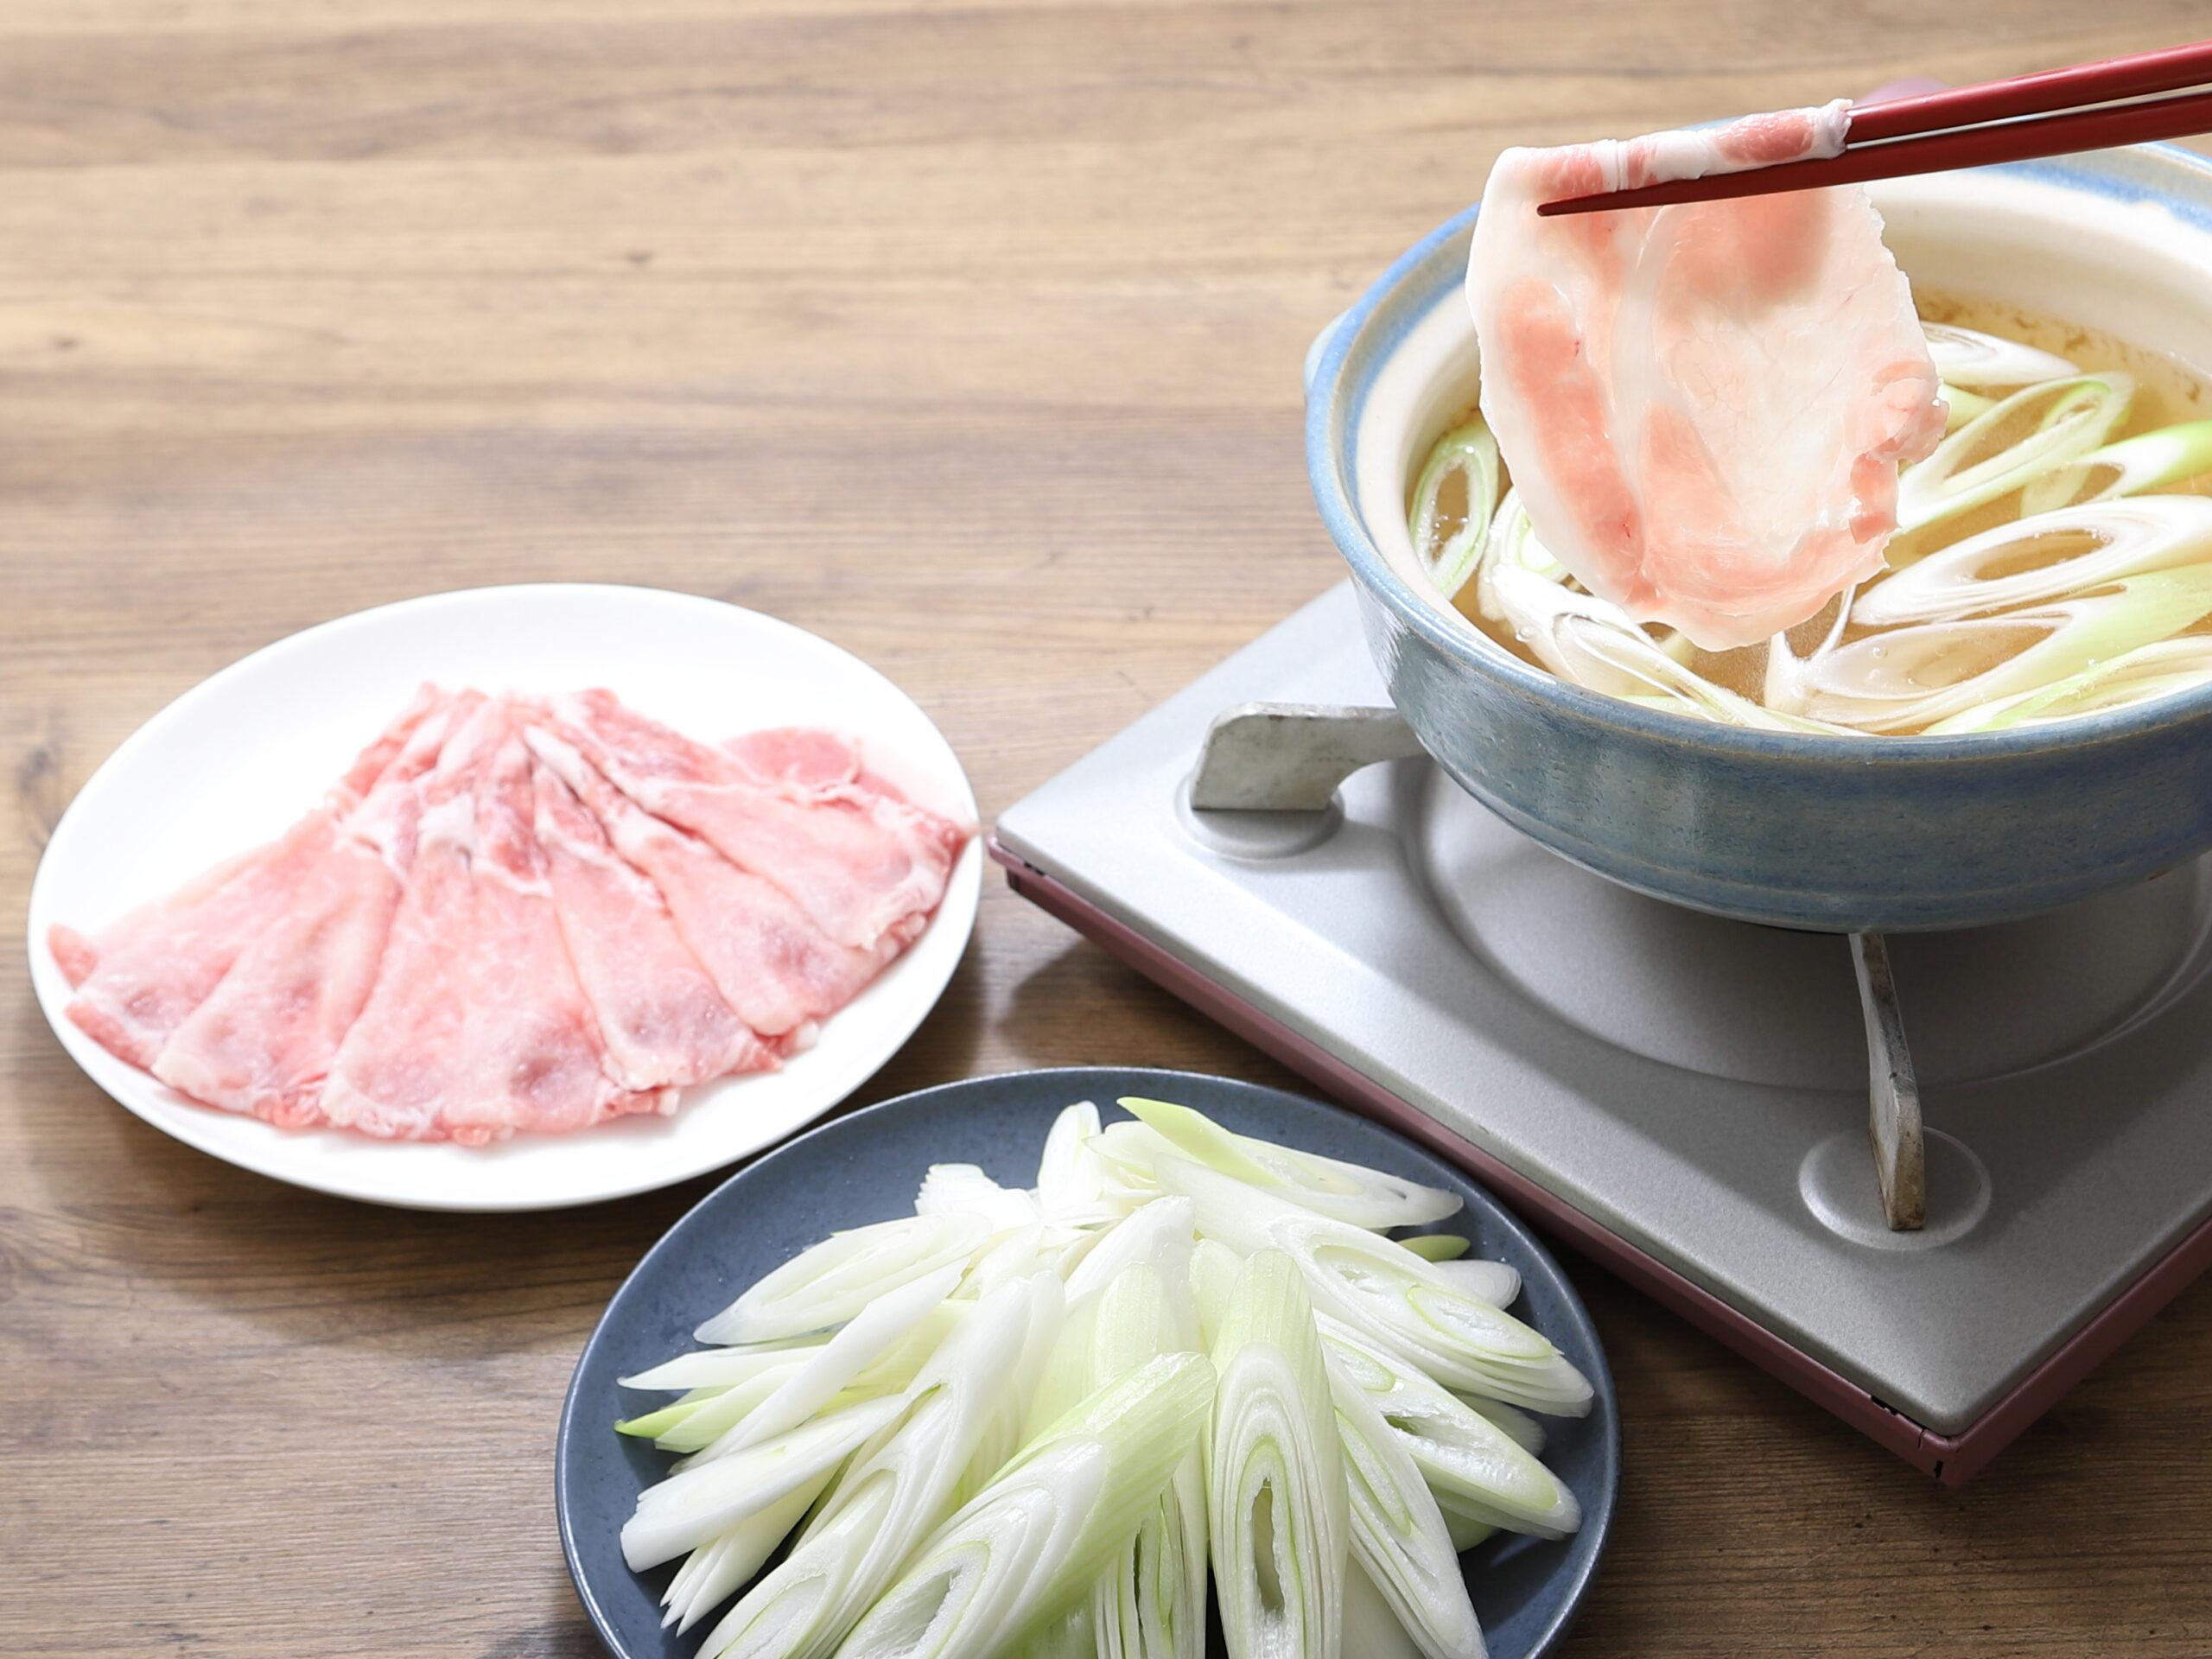 スープも味わうどっさりねぎ豚しゃぶしゃぶ